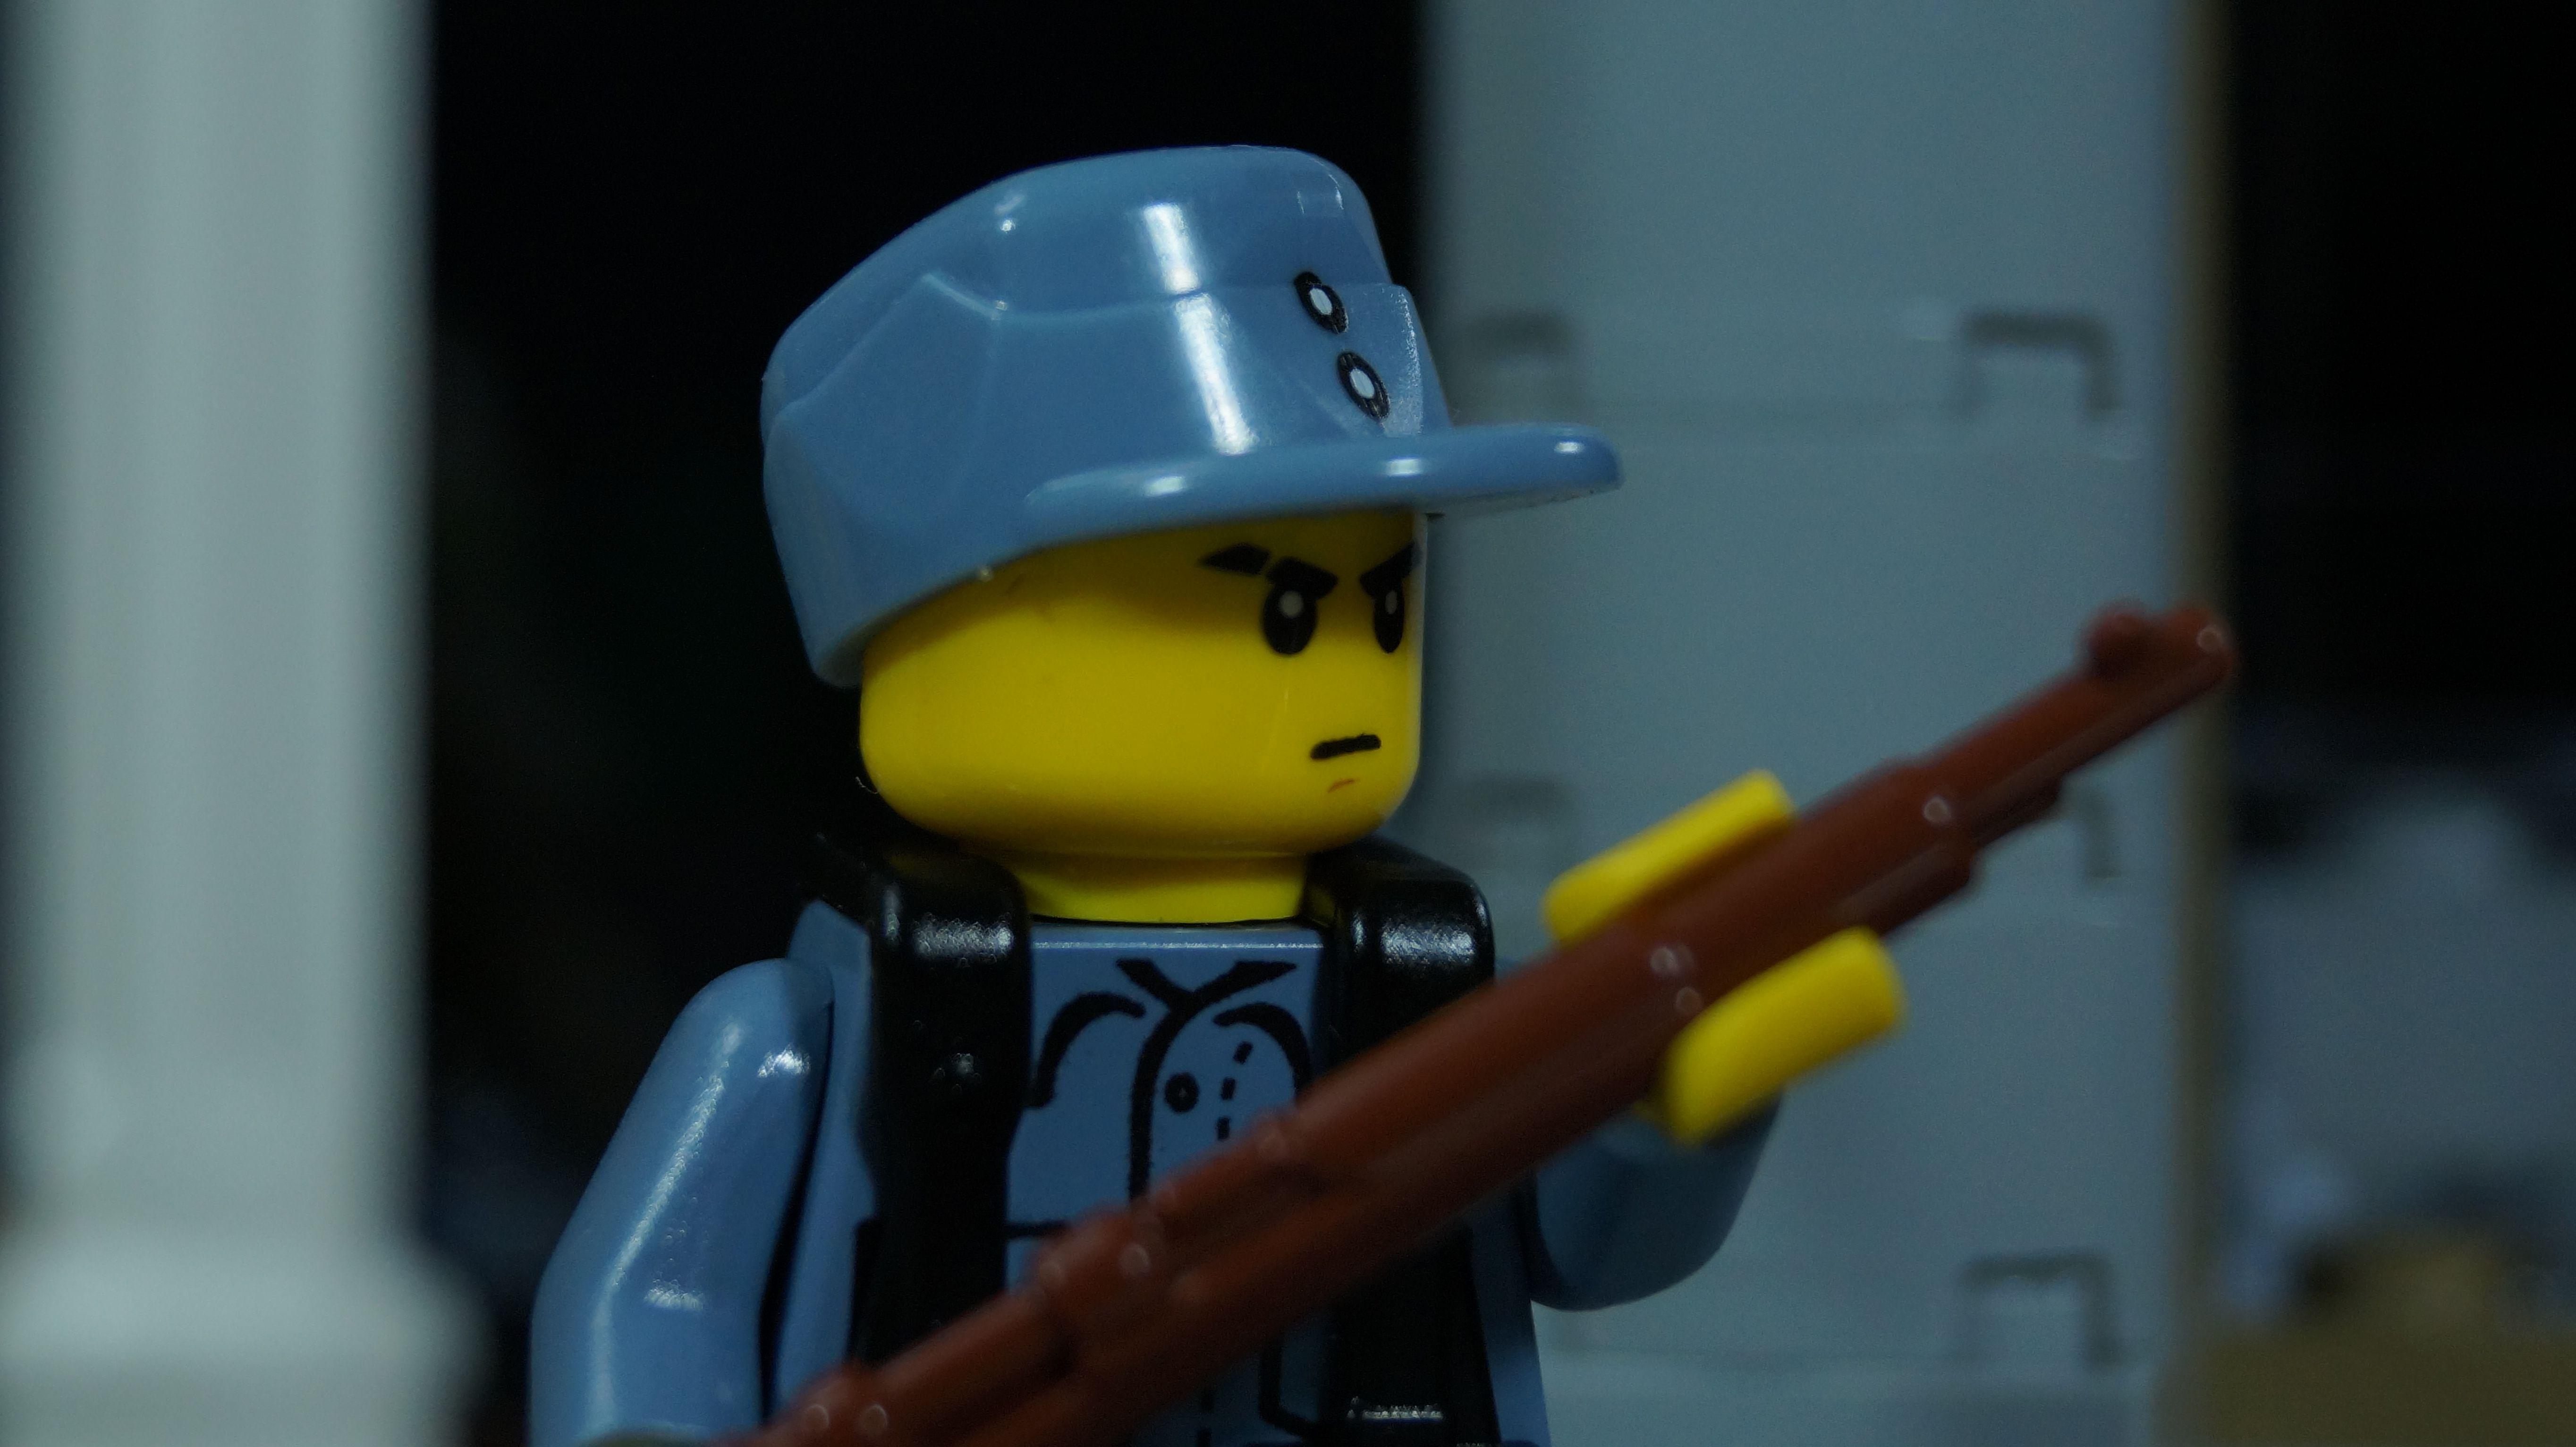 Lego WWII Chinese KMT Soldier by starwars98 on DeviantArt